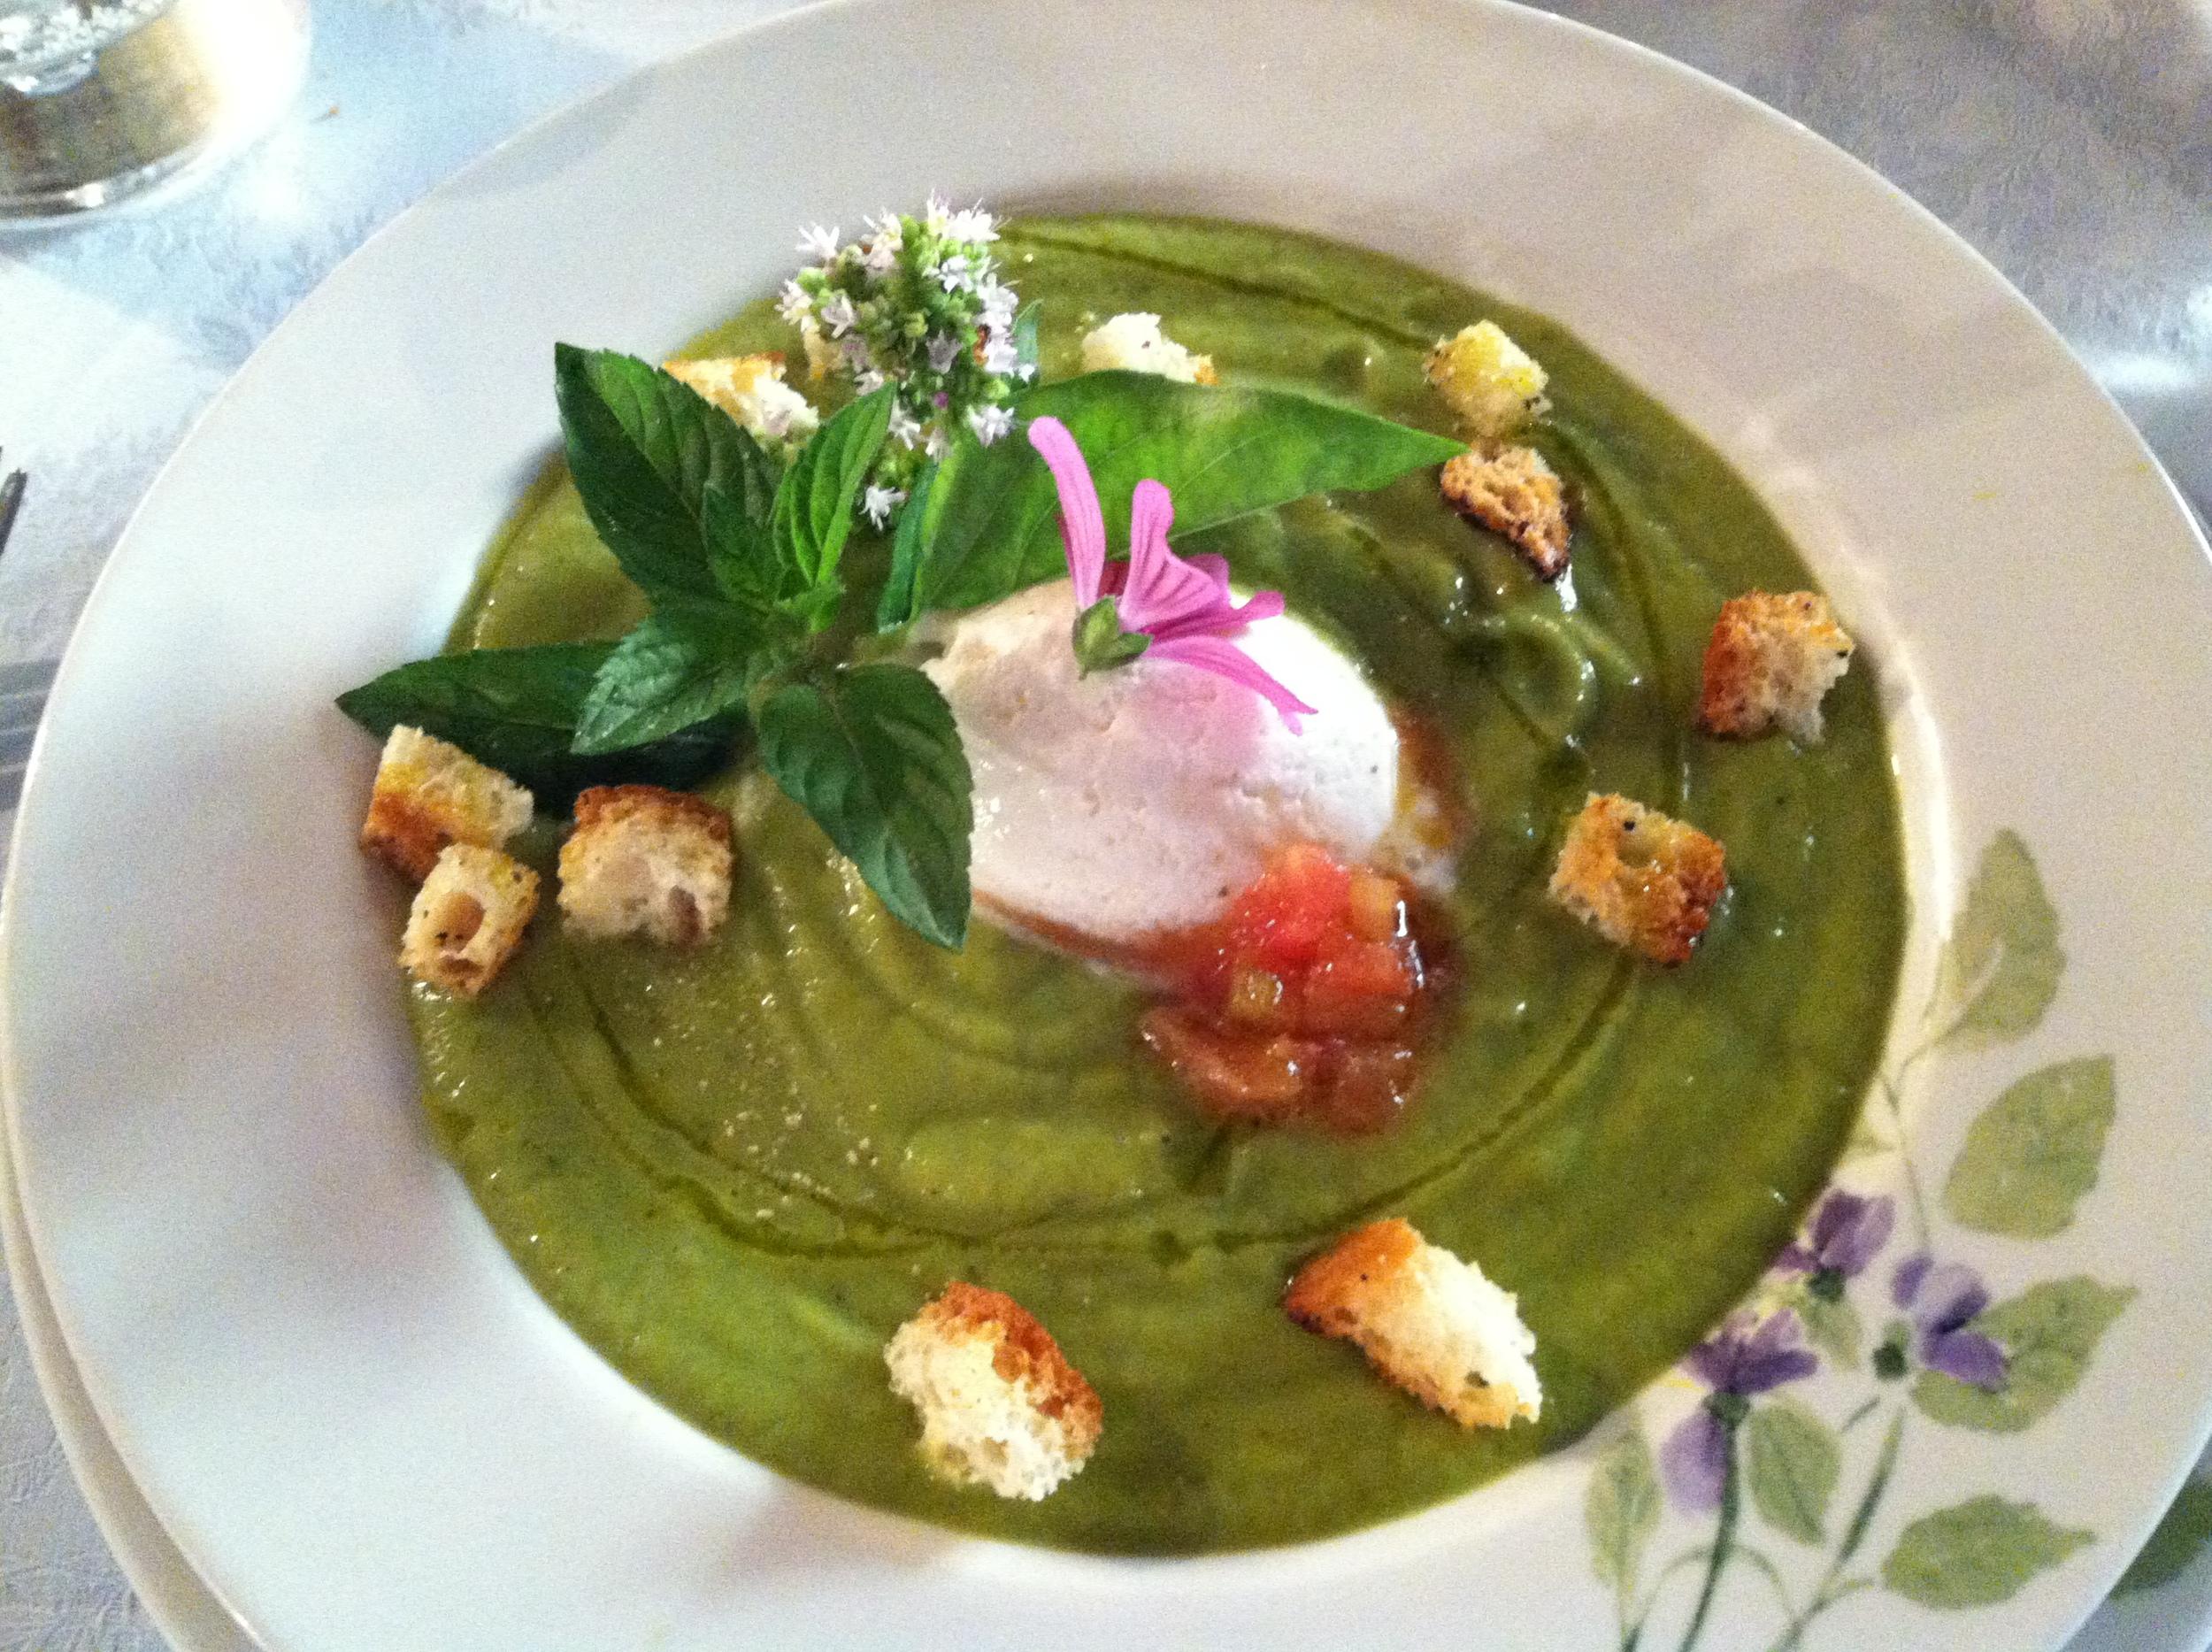 Locanda Del Glicene's creme of garden zucchini soup with ricotta sorbet.